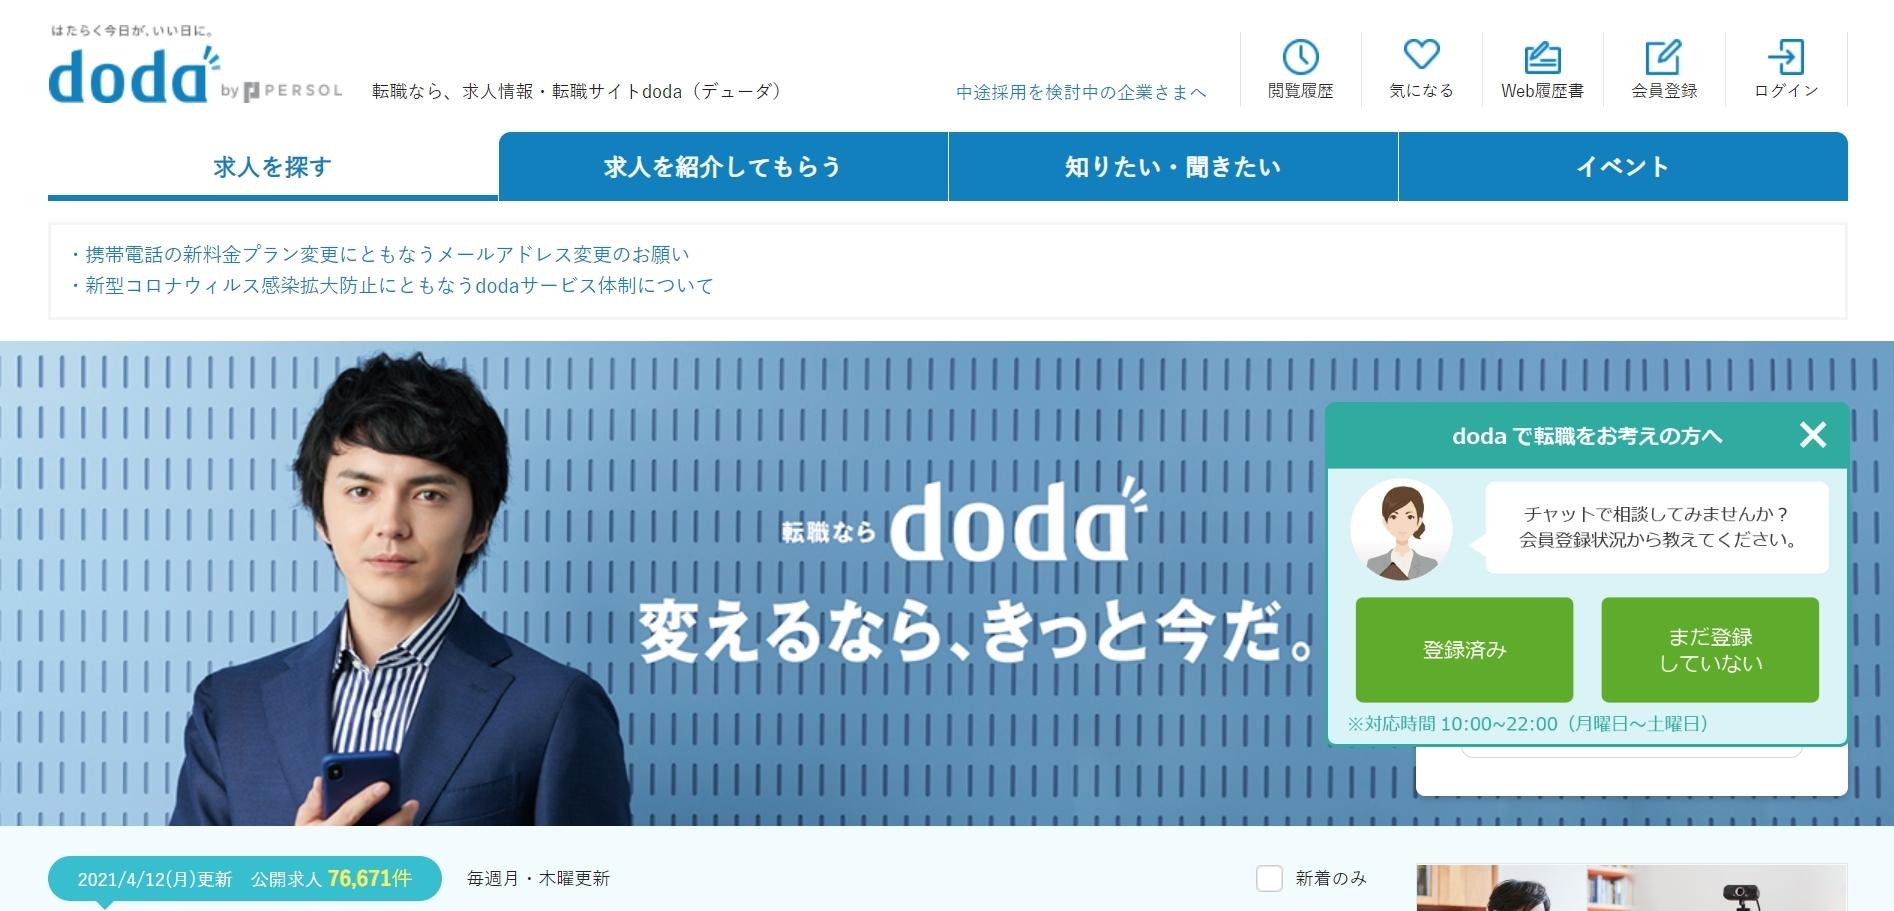 doda-top